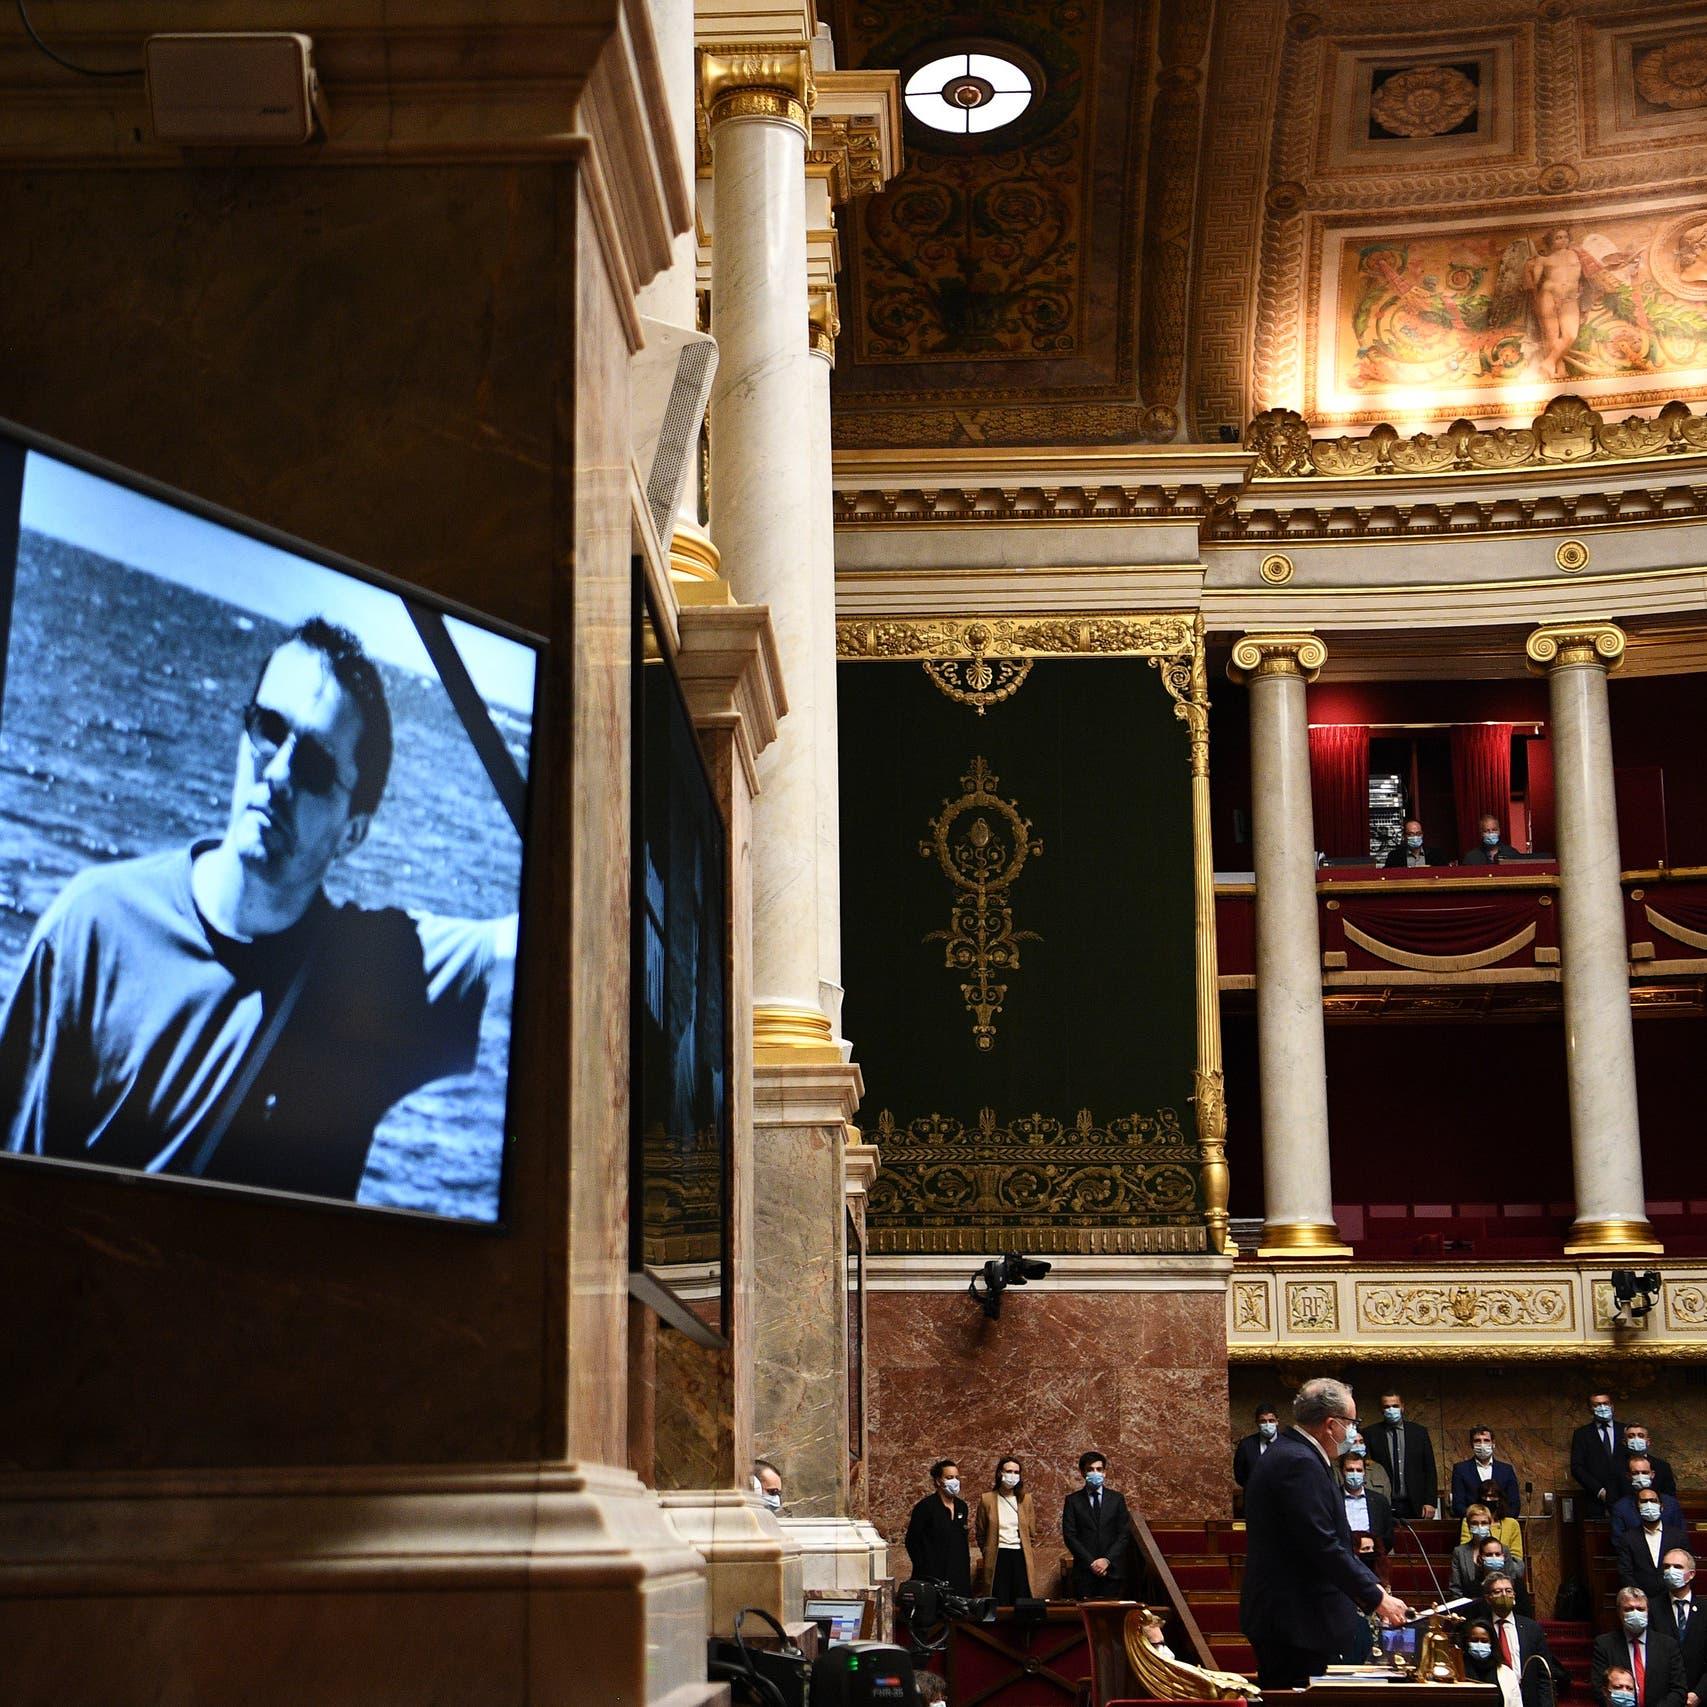 جديد المعلم المذبوح في فرنسا.. مصدر قضائي يكشف